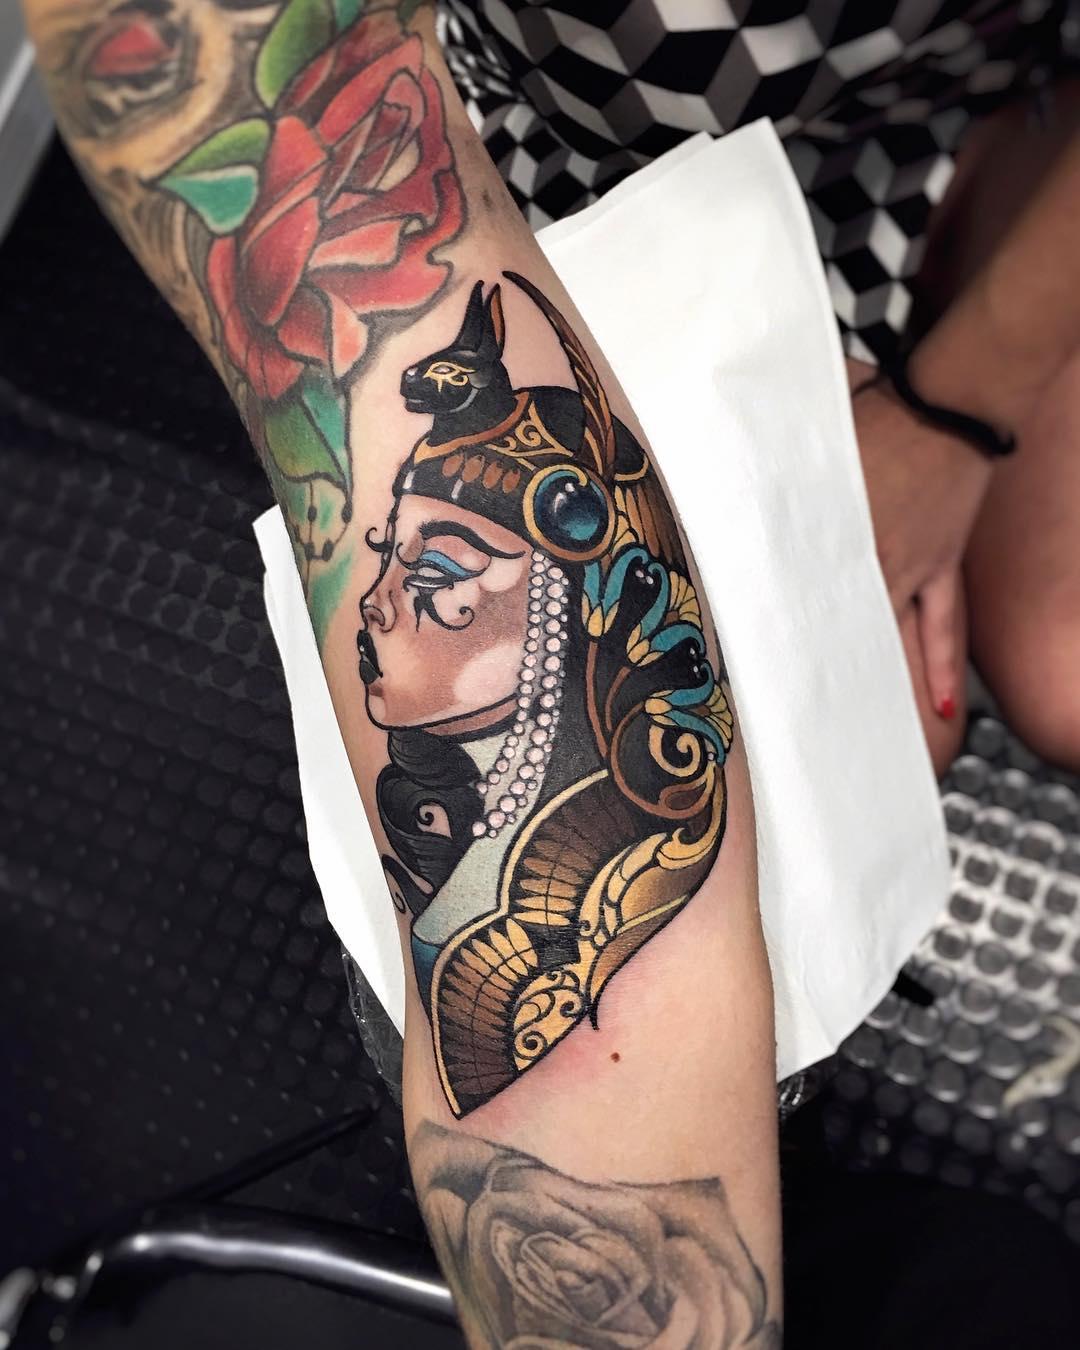 Inksearch tattoo Olie Siiz